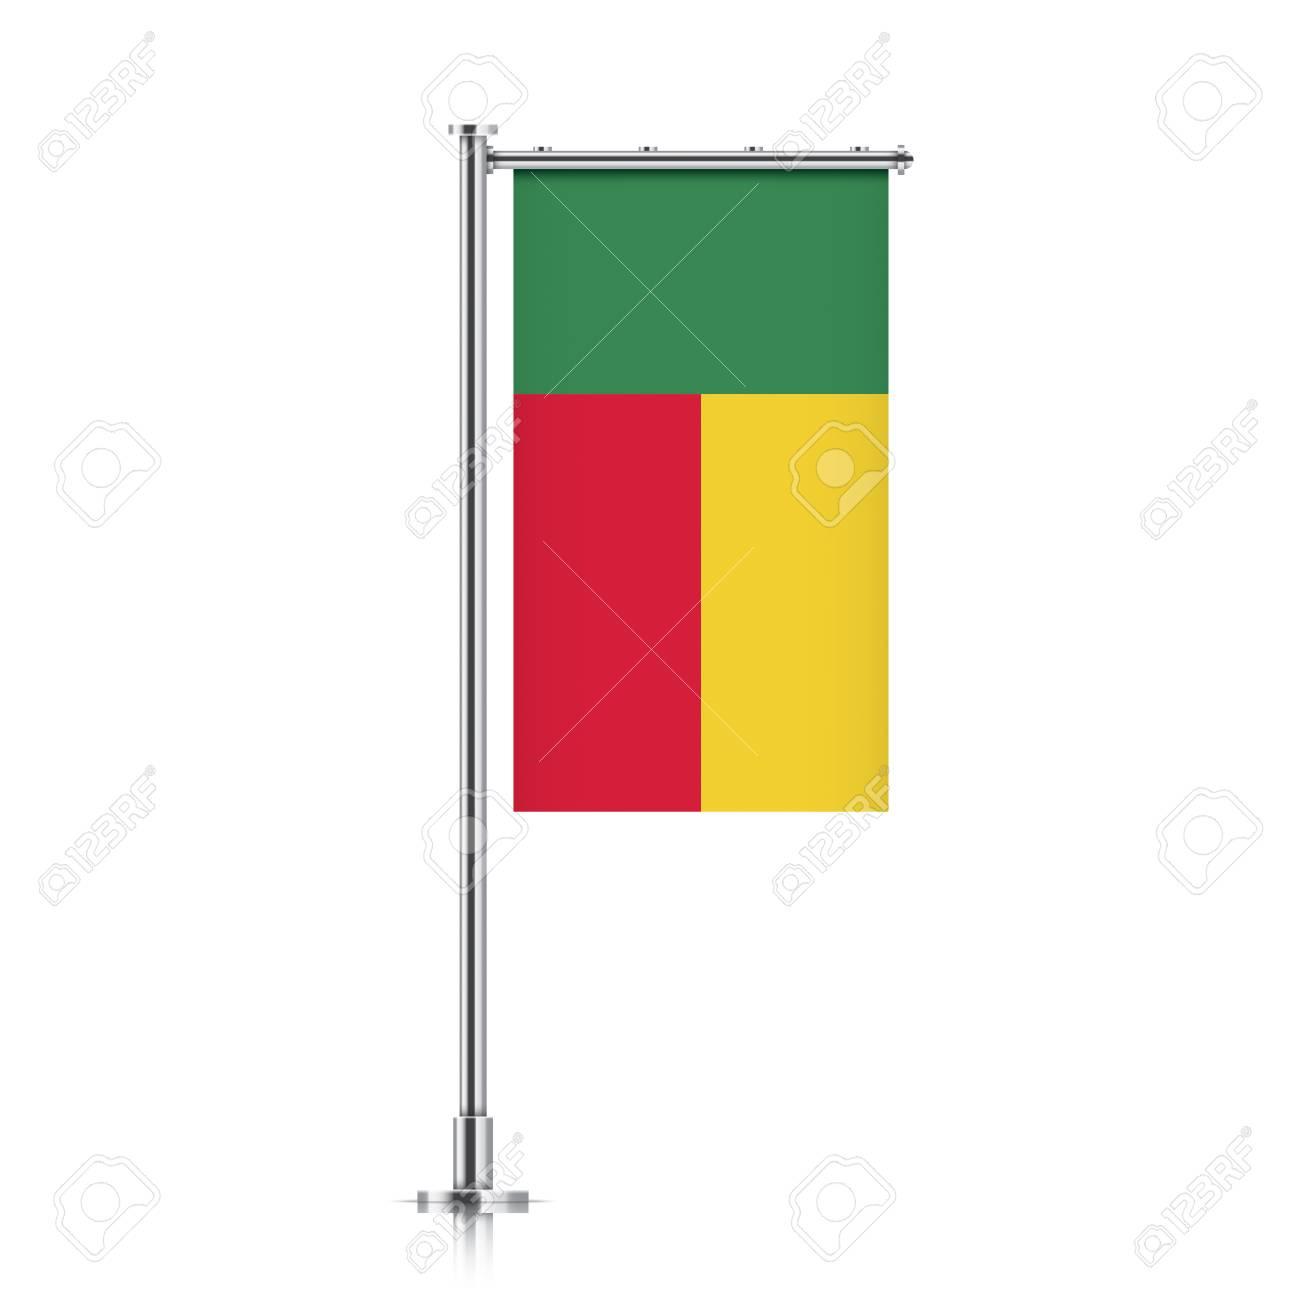 Bandera De Bandera De Vector De Benin Colgando De Un Poste Metálico ...